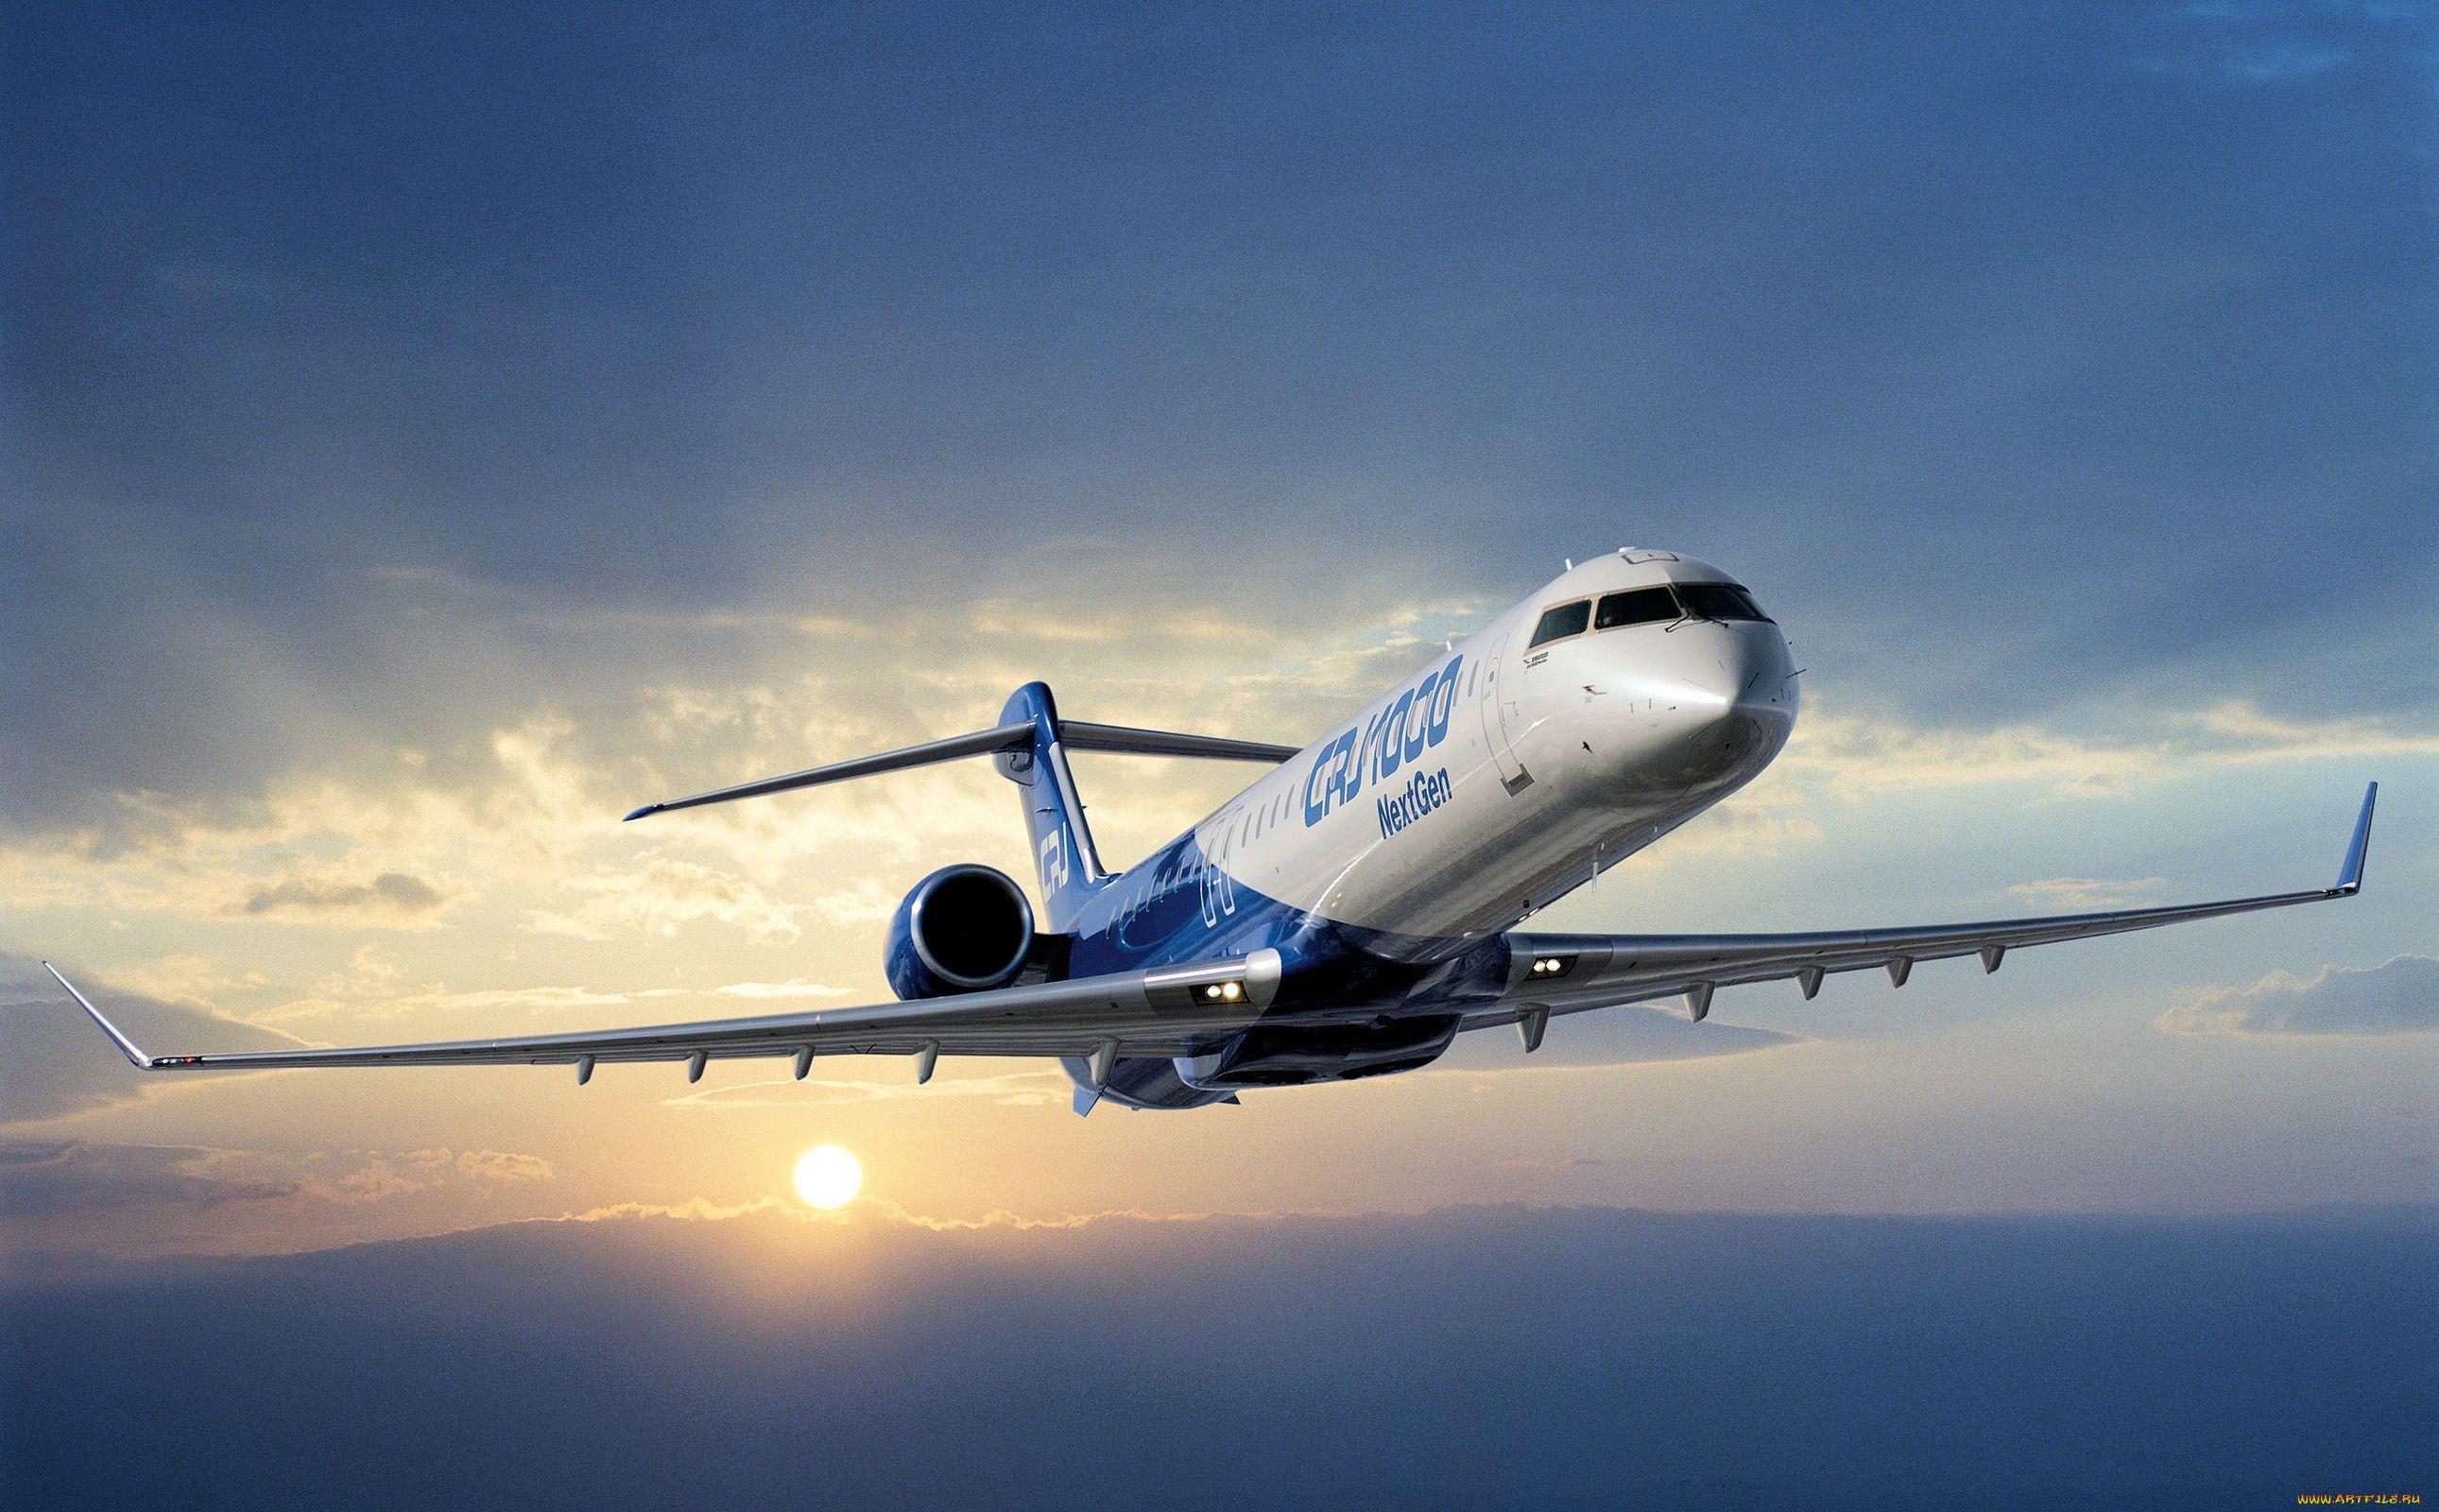 картинки про авиацию пассажирских самолетов свою